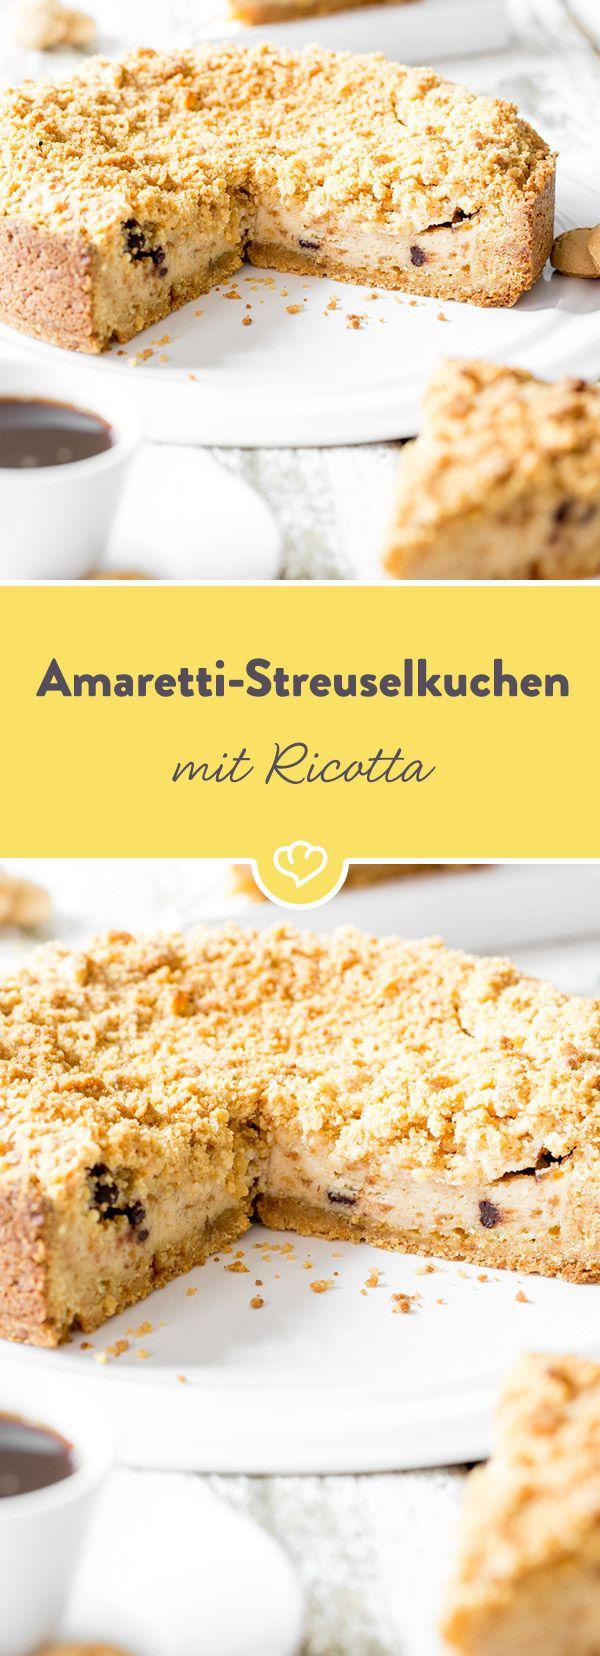 Dieser Kuchen schmeckt nach Italien. Er besteht fast nur aus zerbröselten Amarettis und wird mit Ricotta und Schokodrops gefüllt.